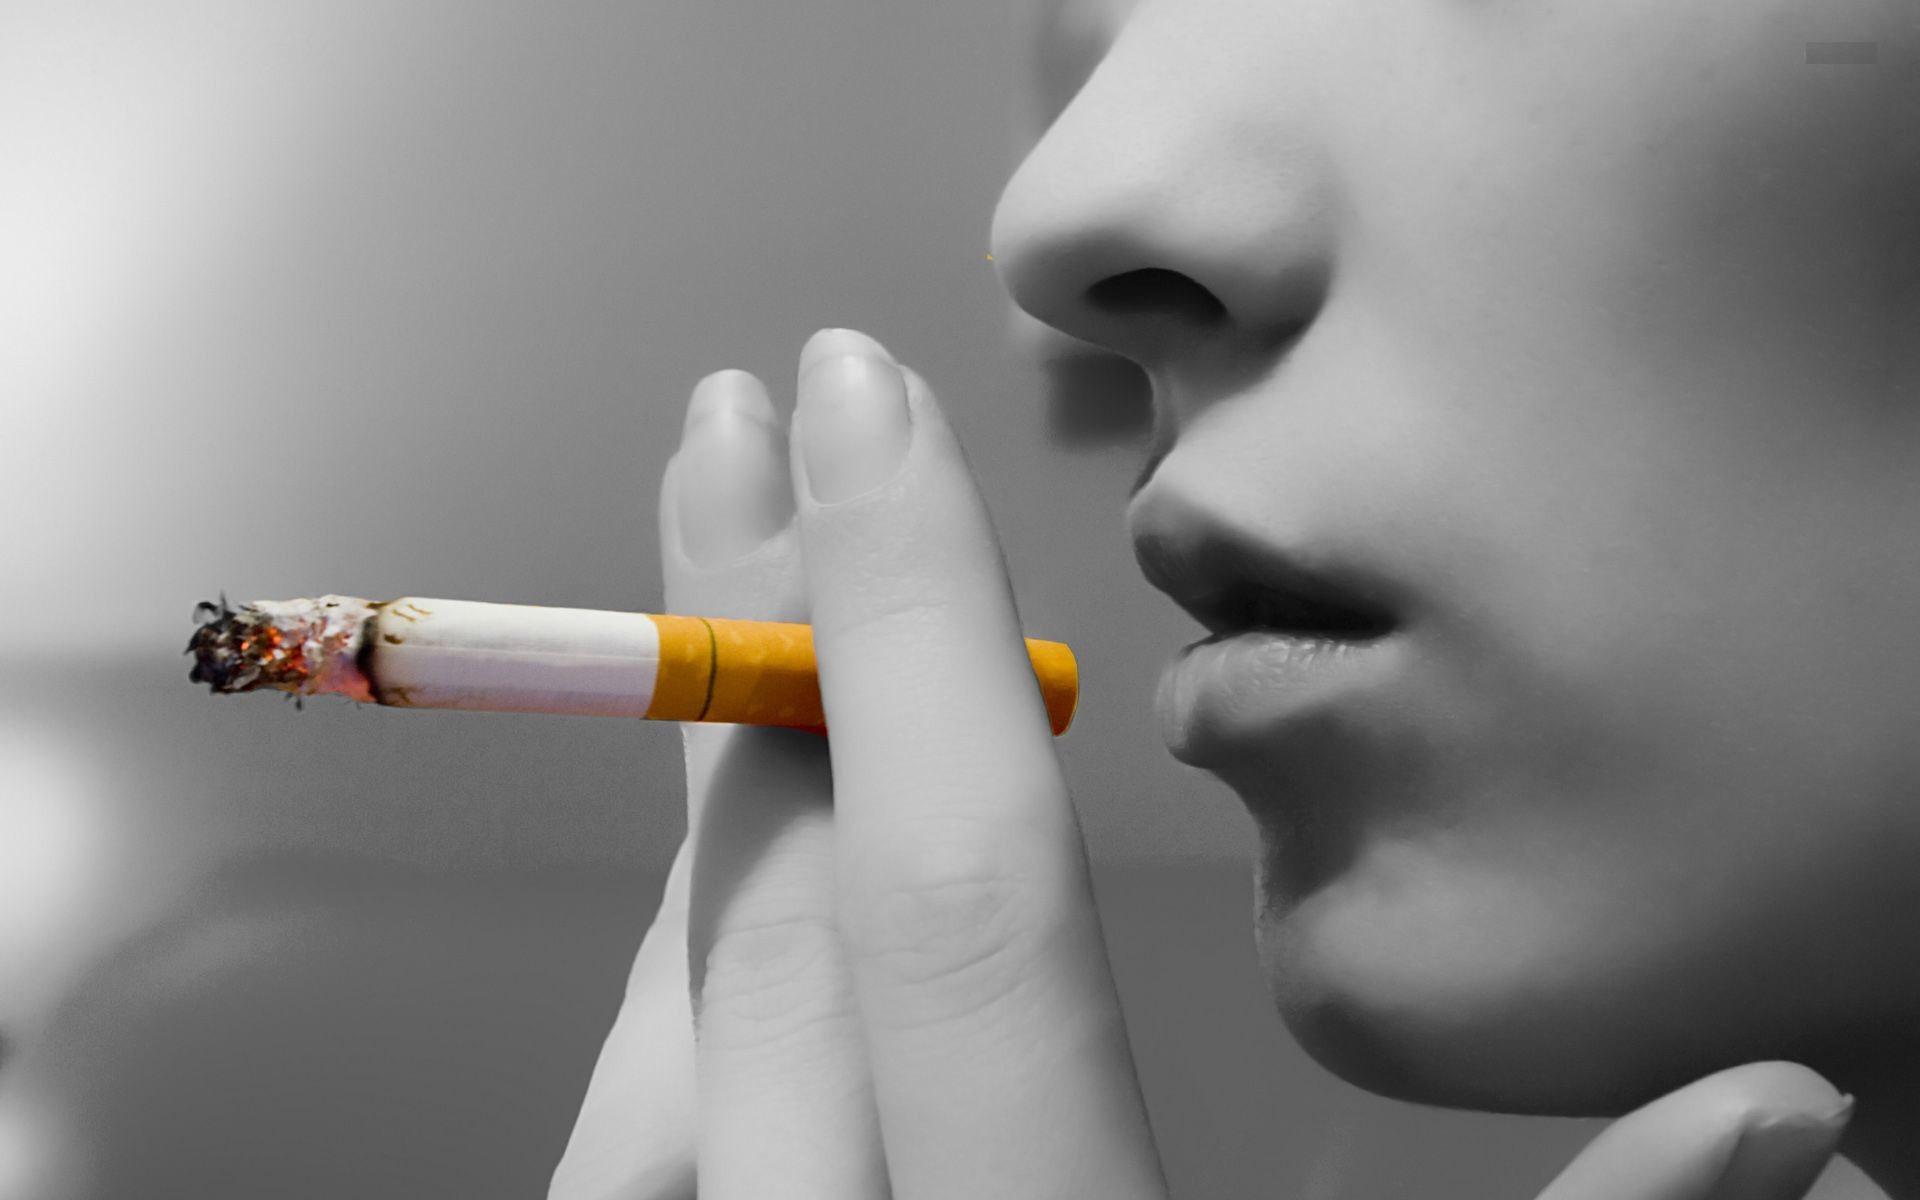 Сонник курить во сне сигарету некурящей женщине